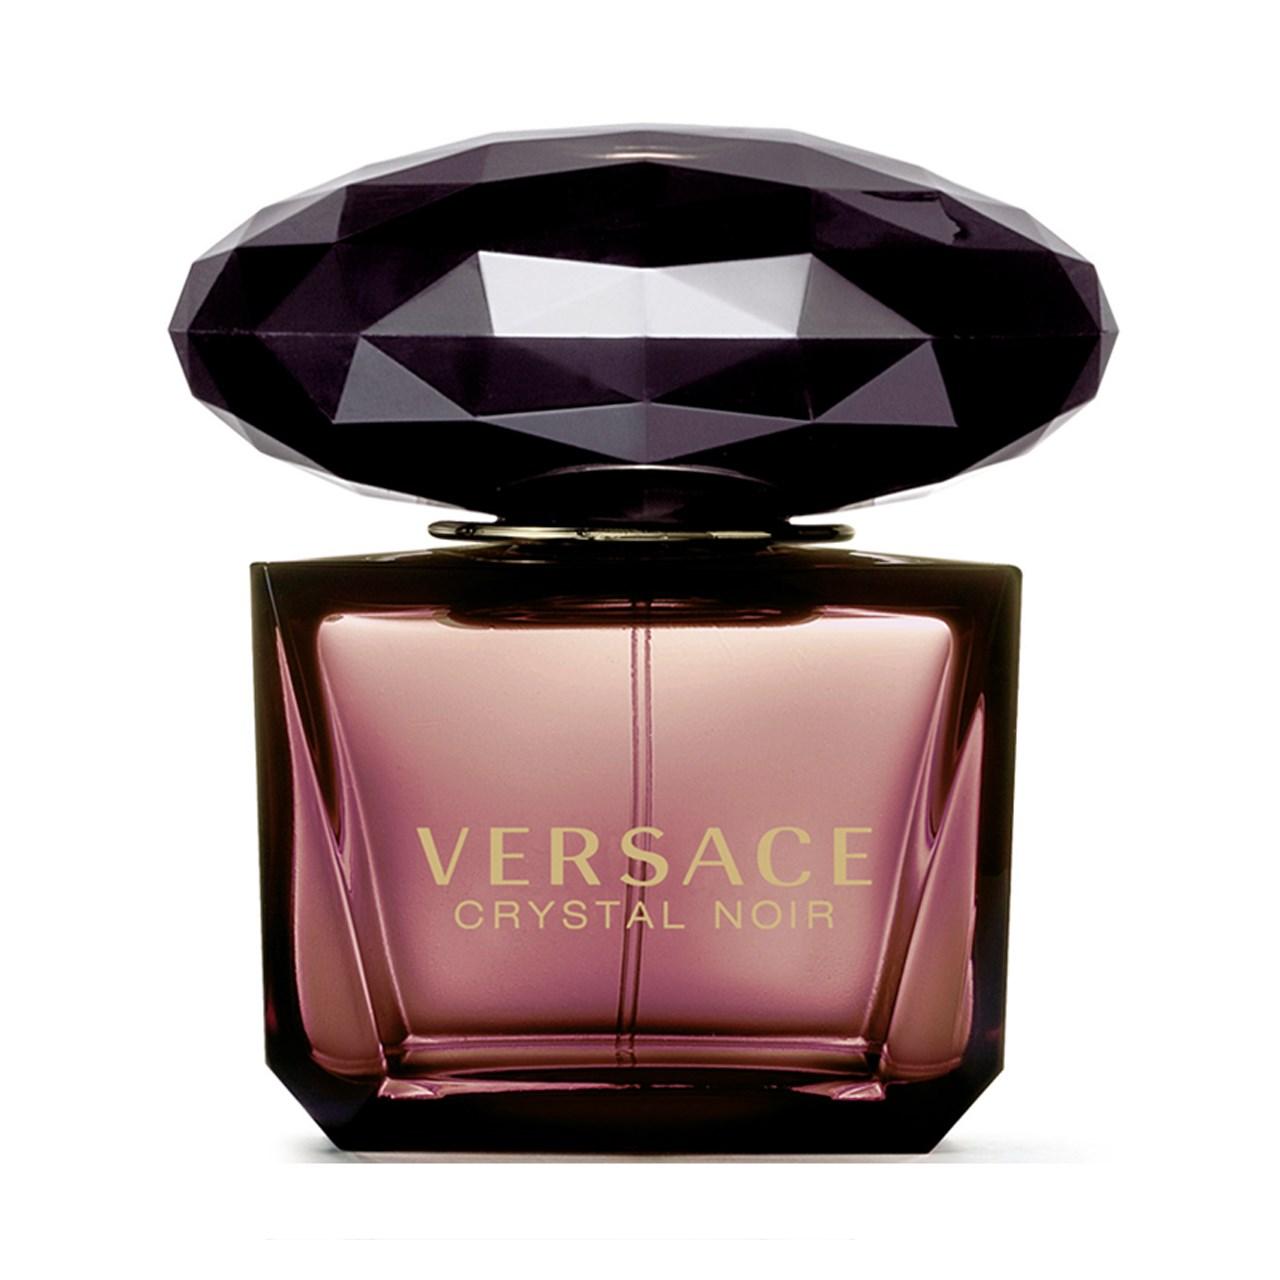 تستر ادو پرفیوم  زنانه ورساچه مدل Crystal Noir حجم 90 میلی لیتر